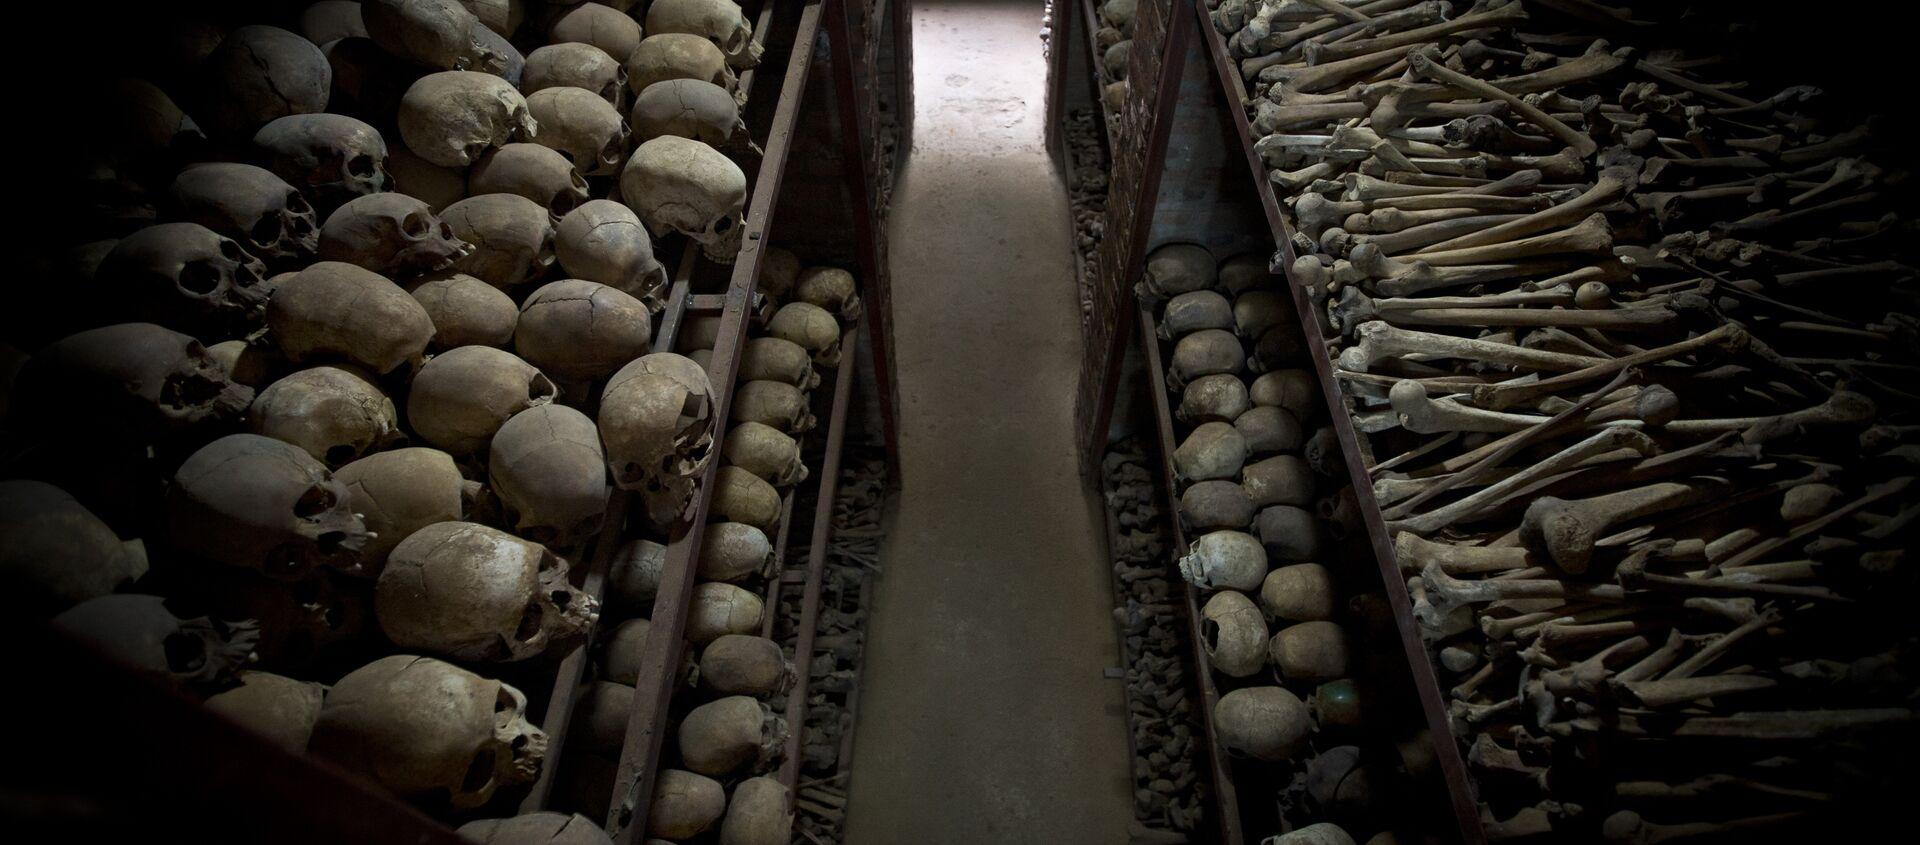 Crânes de Rwandais massacrés en 1994 - Sputnik France, 1920, 29.03.2021